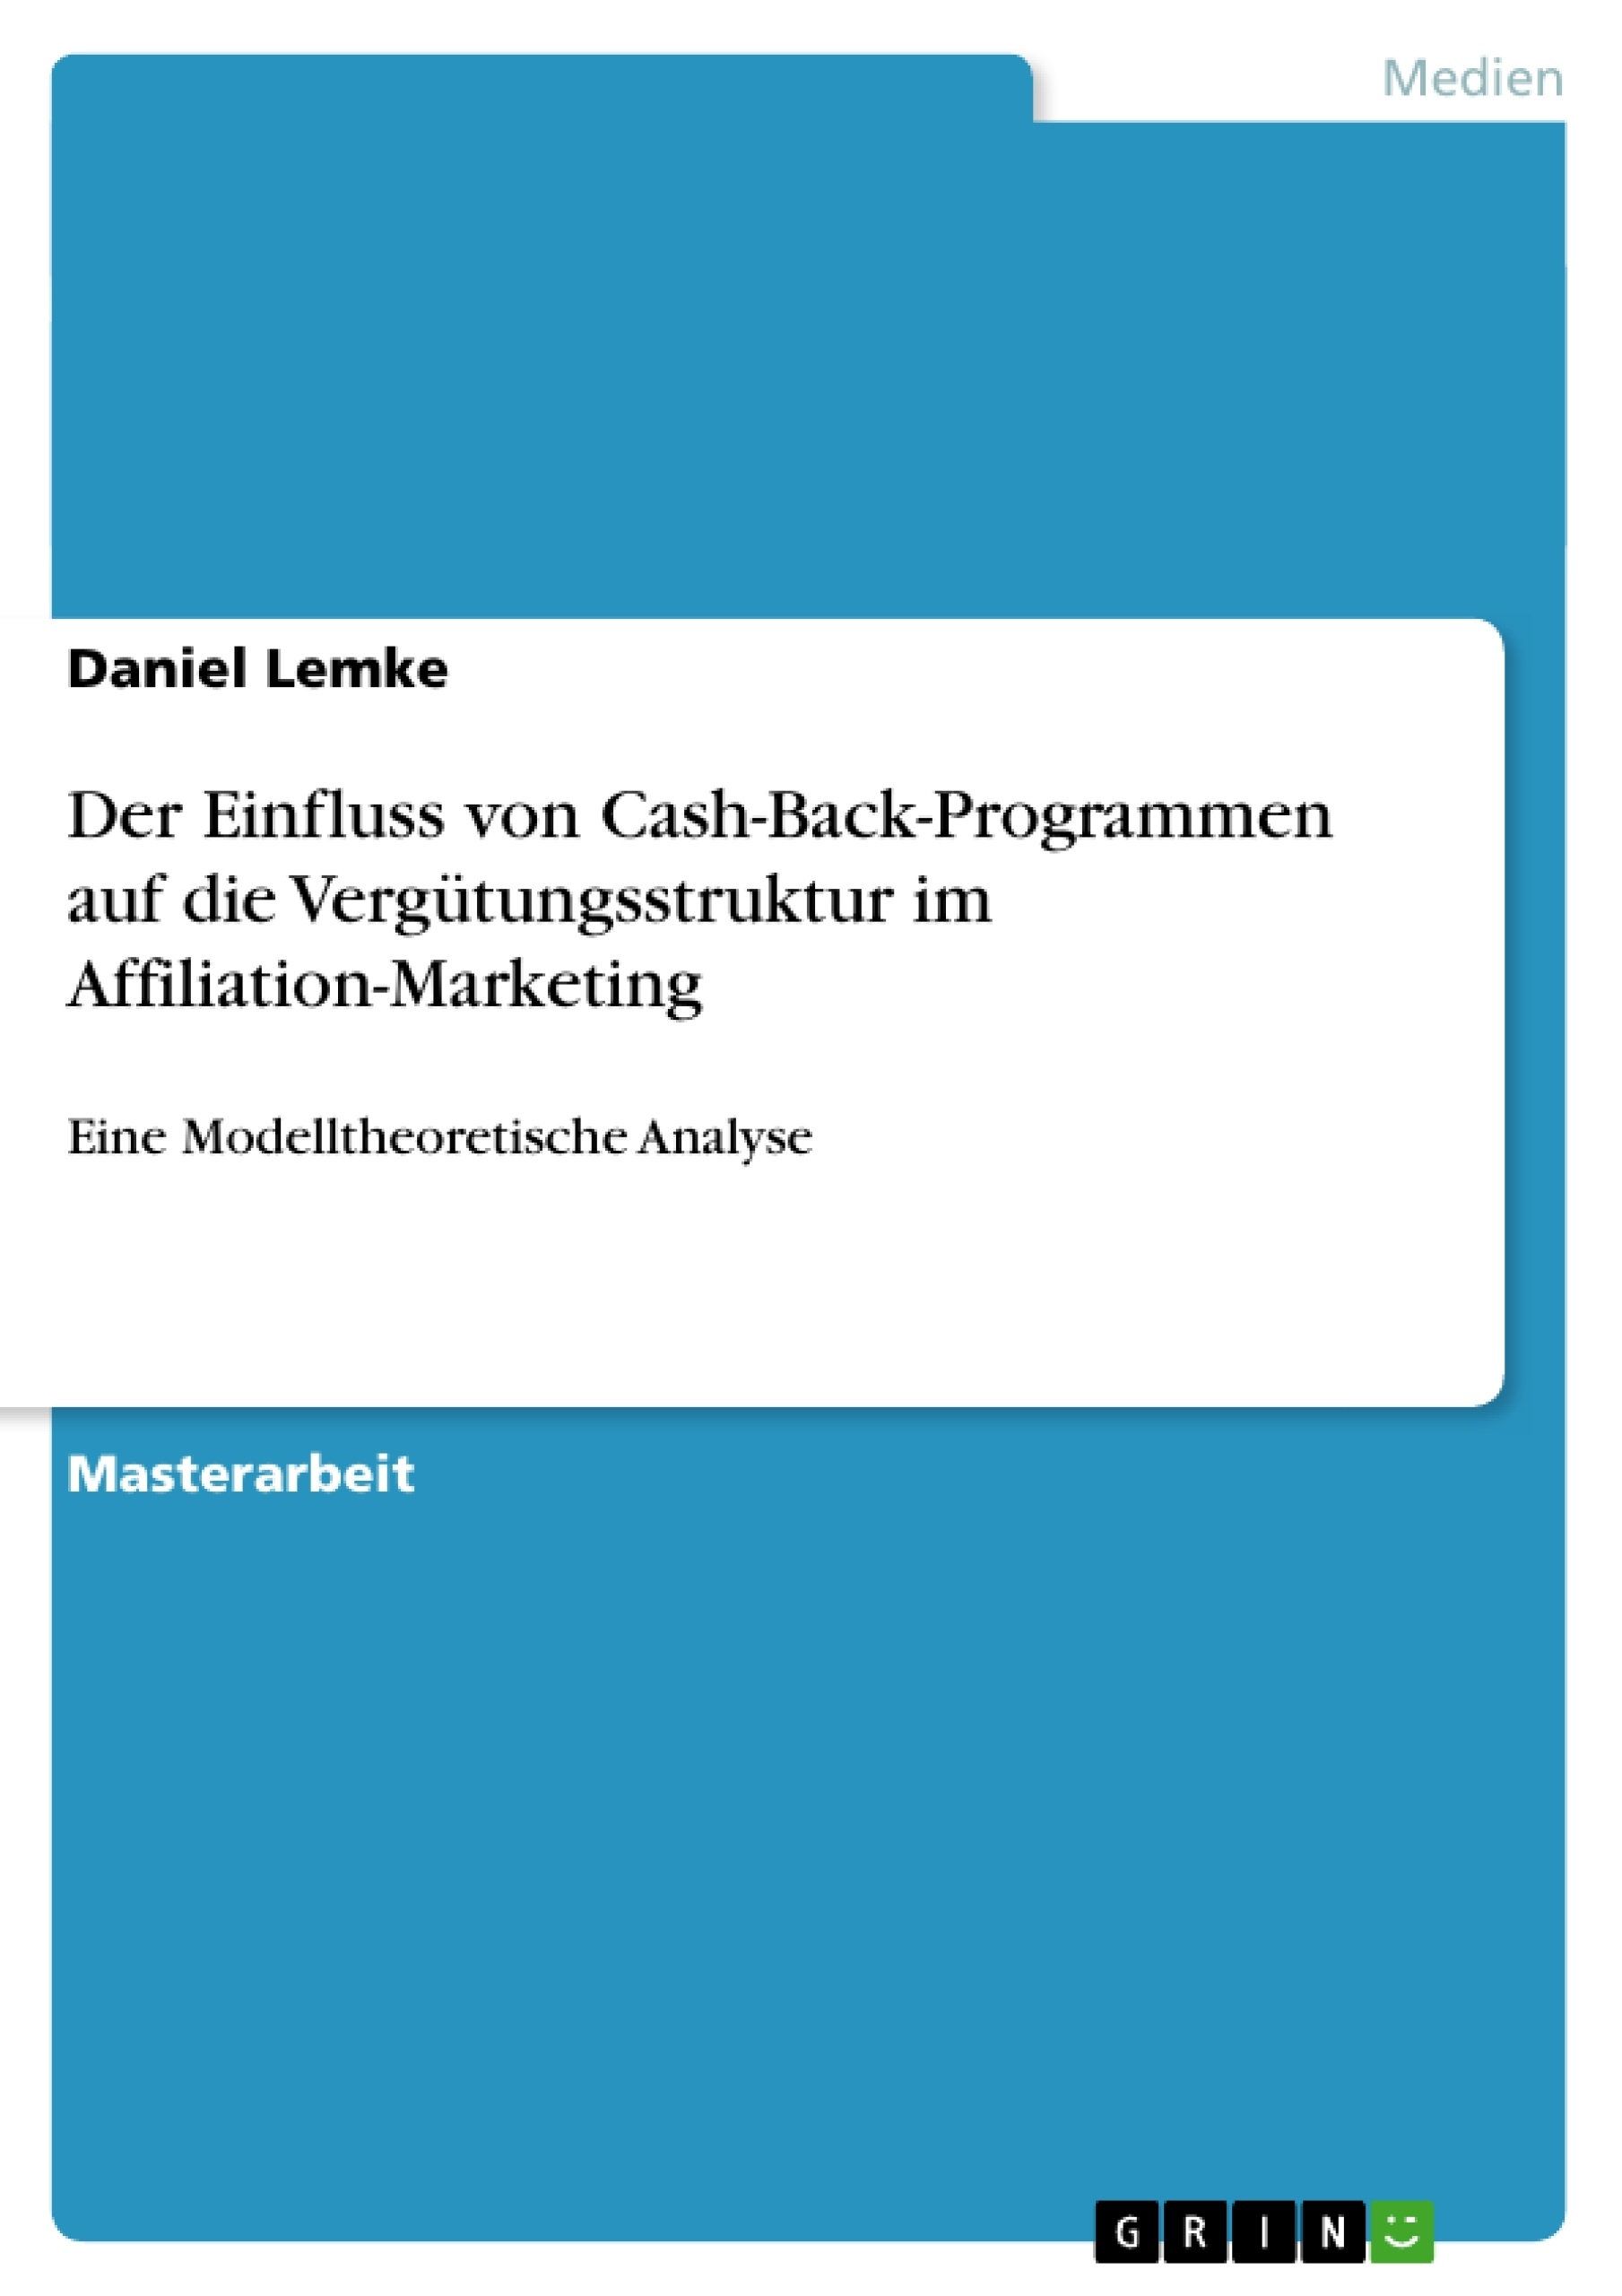 Titel: Der Einfluss von Cash-Back-Programmen auf die Vergütungsstruktur im Affiliation-Marketing